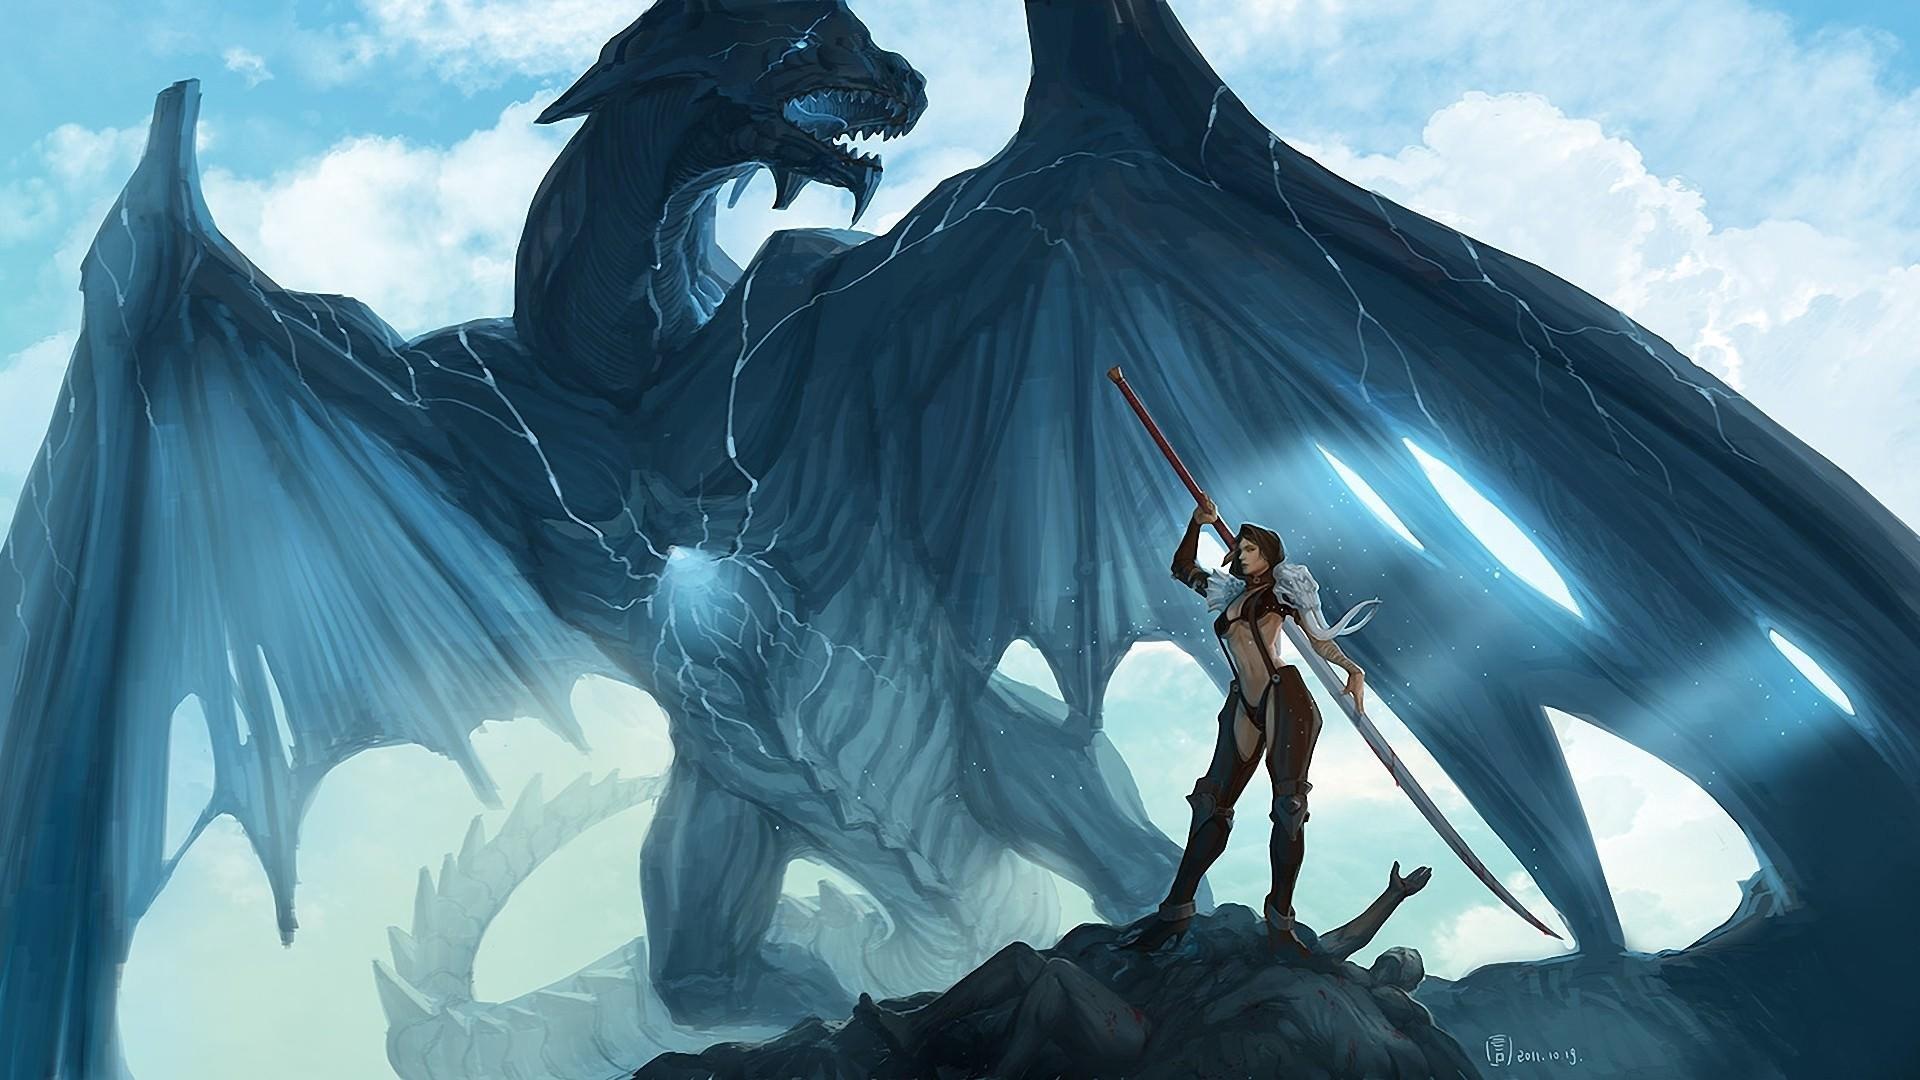 Epic Black Dragon Wallpaper HD Wallpapers px 244.86 KB